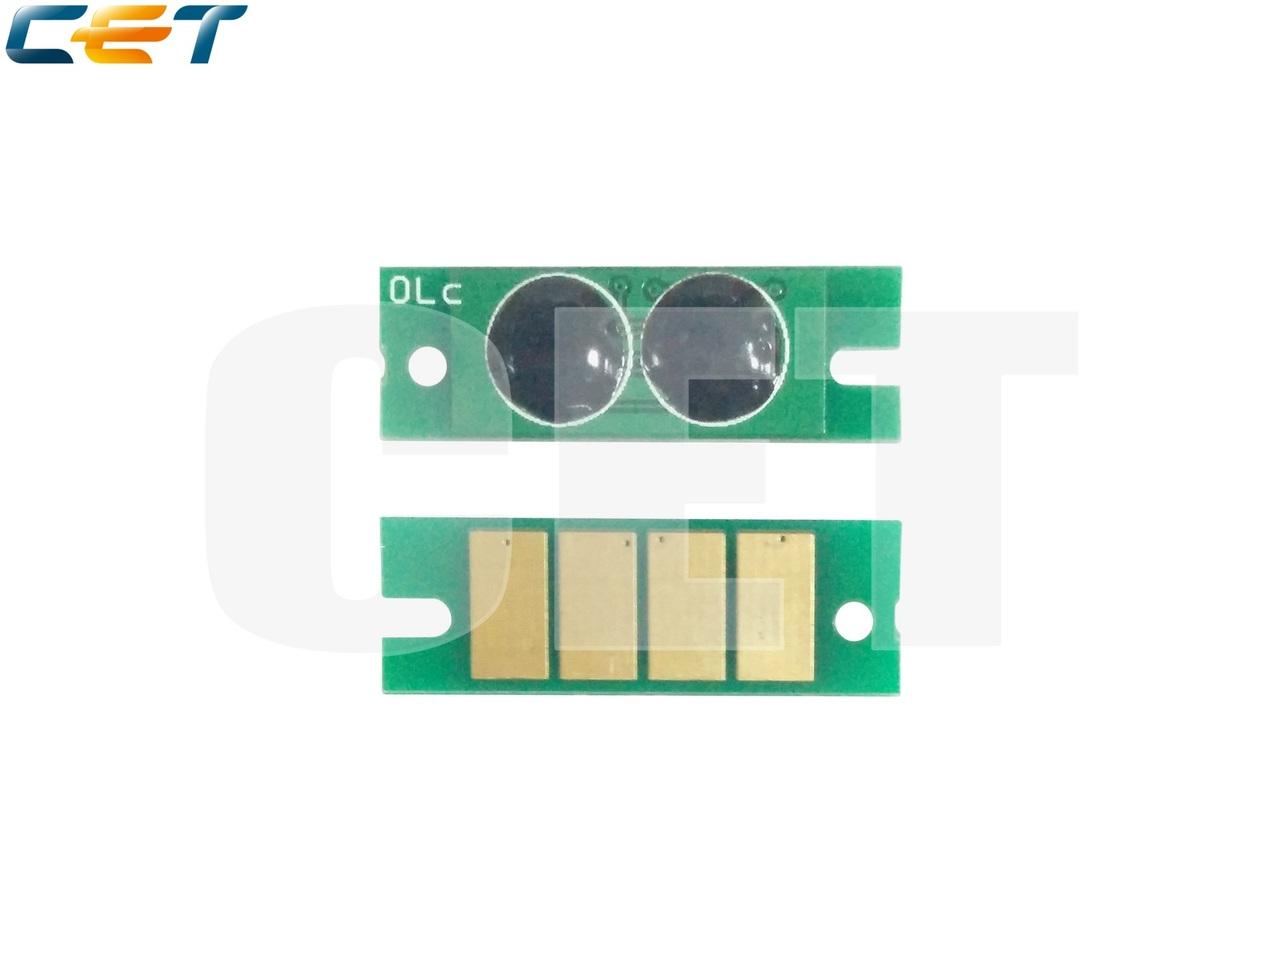 Чип картриджа SP310C для RICOH SP310SFN/311DN/312SFNw (CET), 3500 стр., CET9451